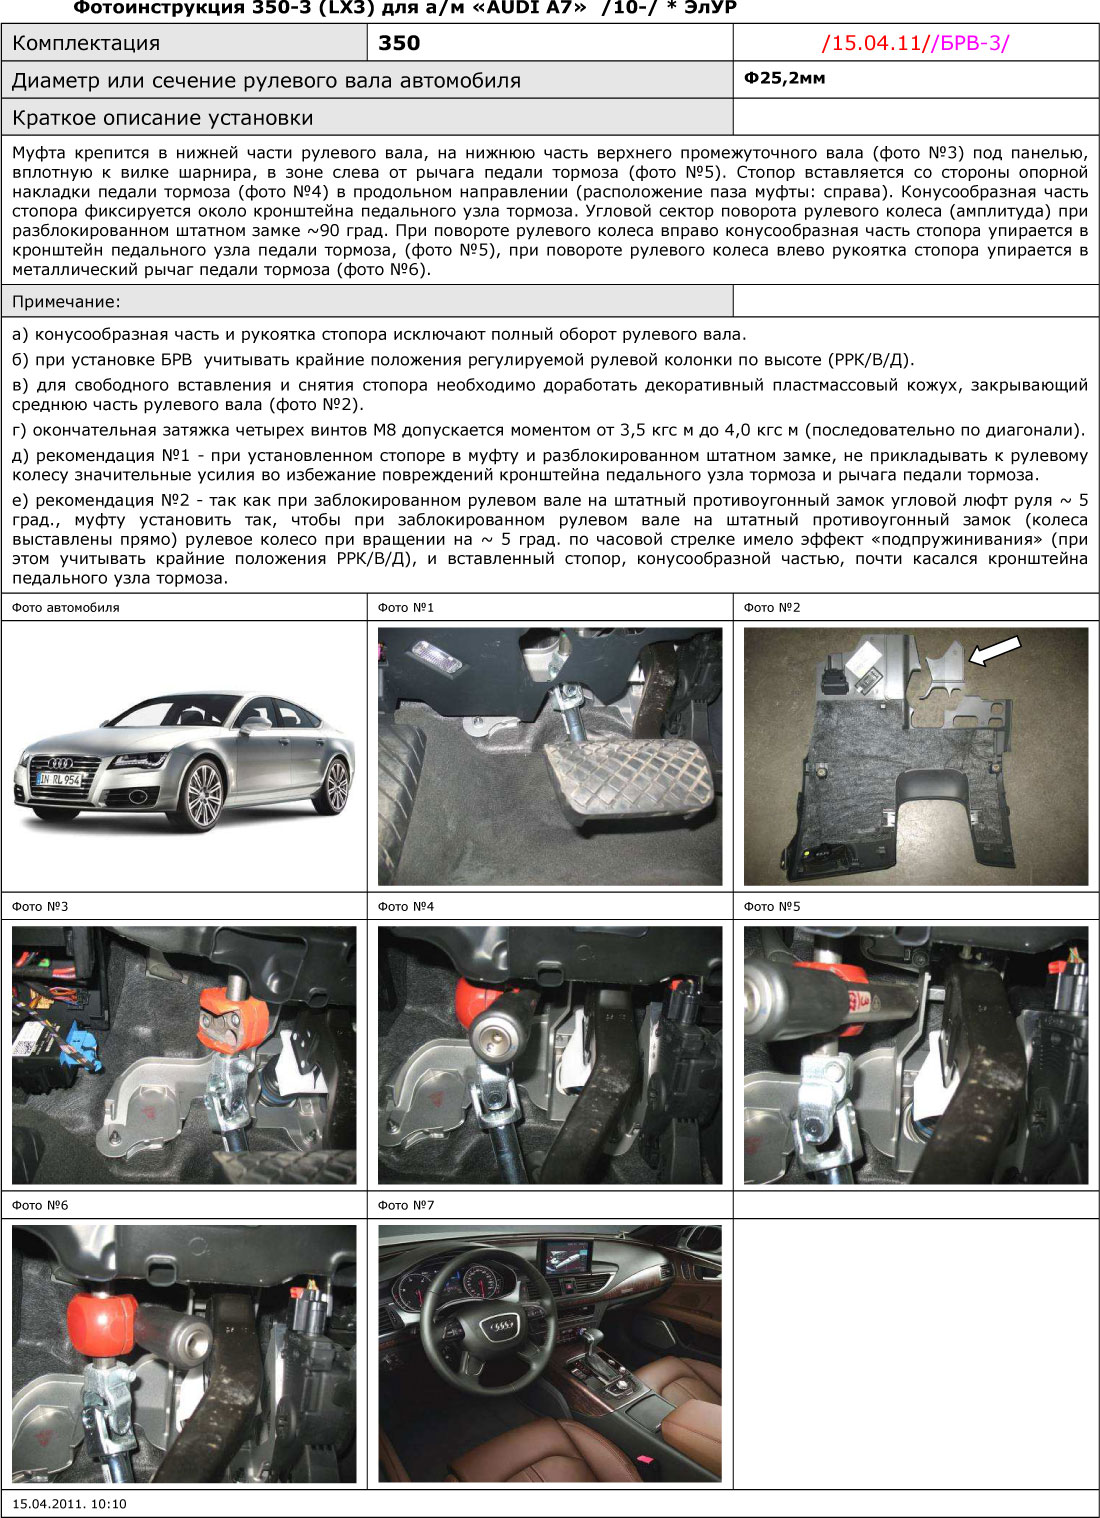 установка гарант блок люкс 350 на audi a7